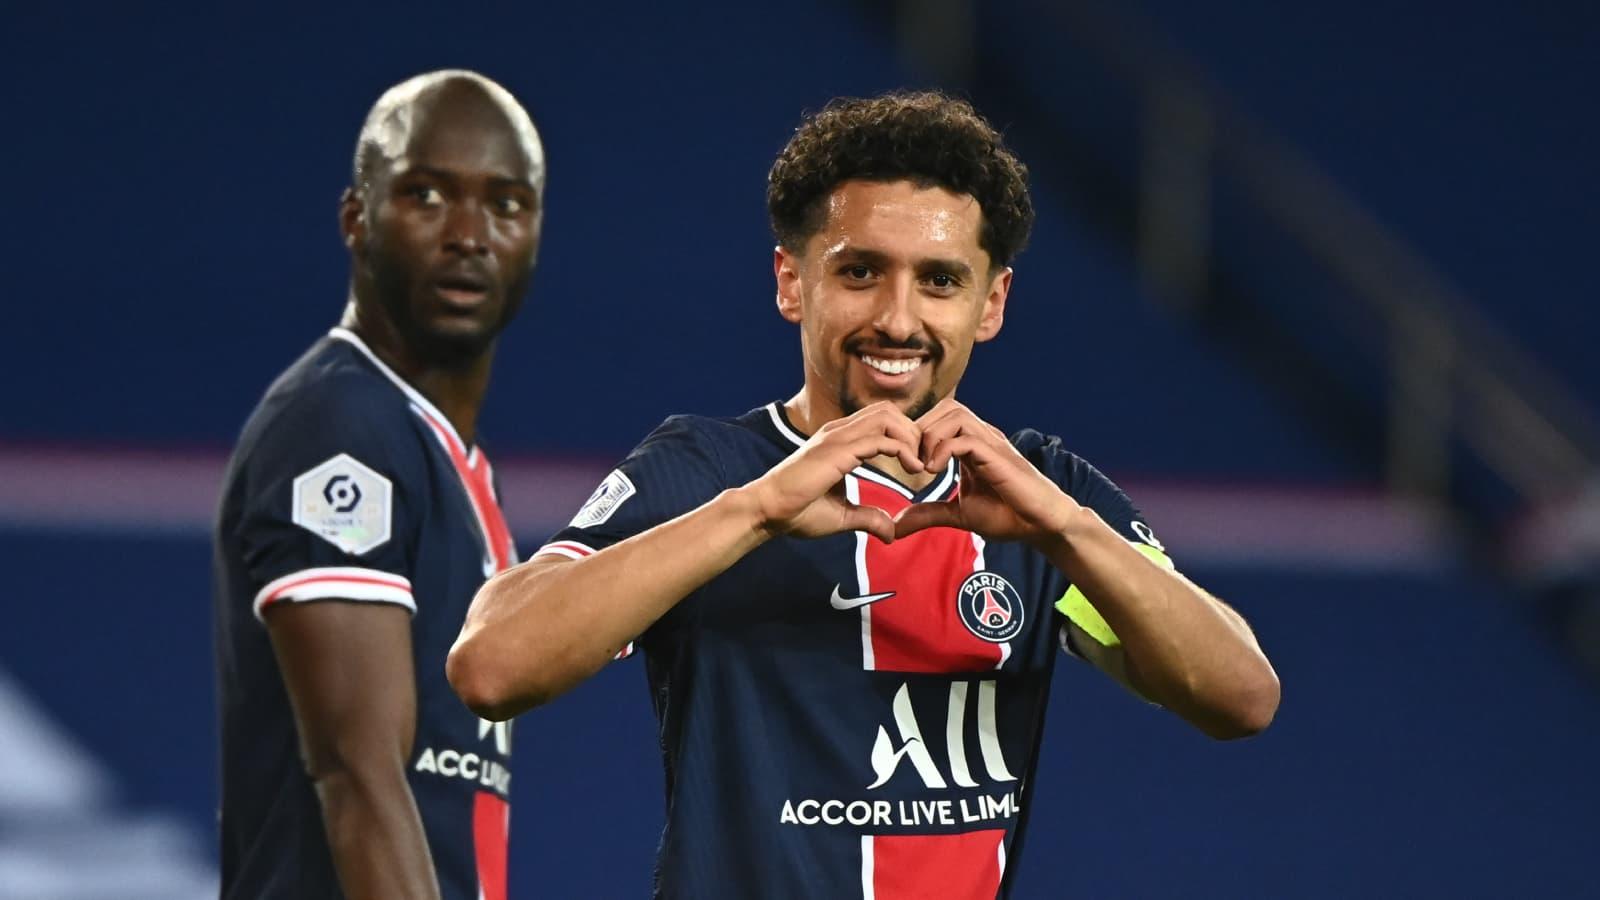 Les plus belles affiches de Ligue 1 sont sur Prime Video